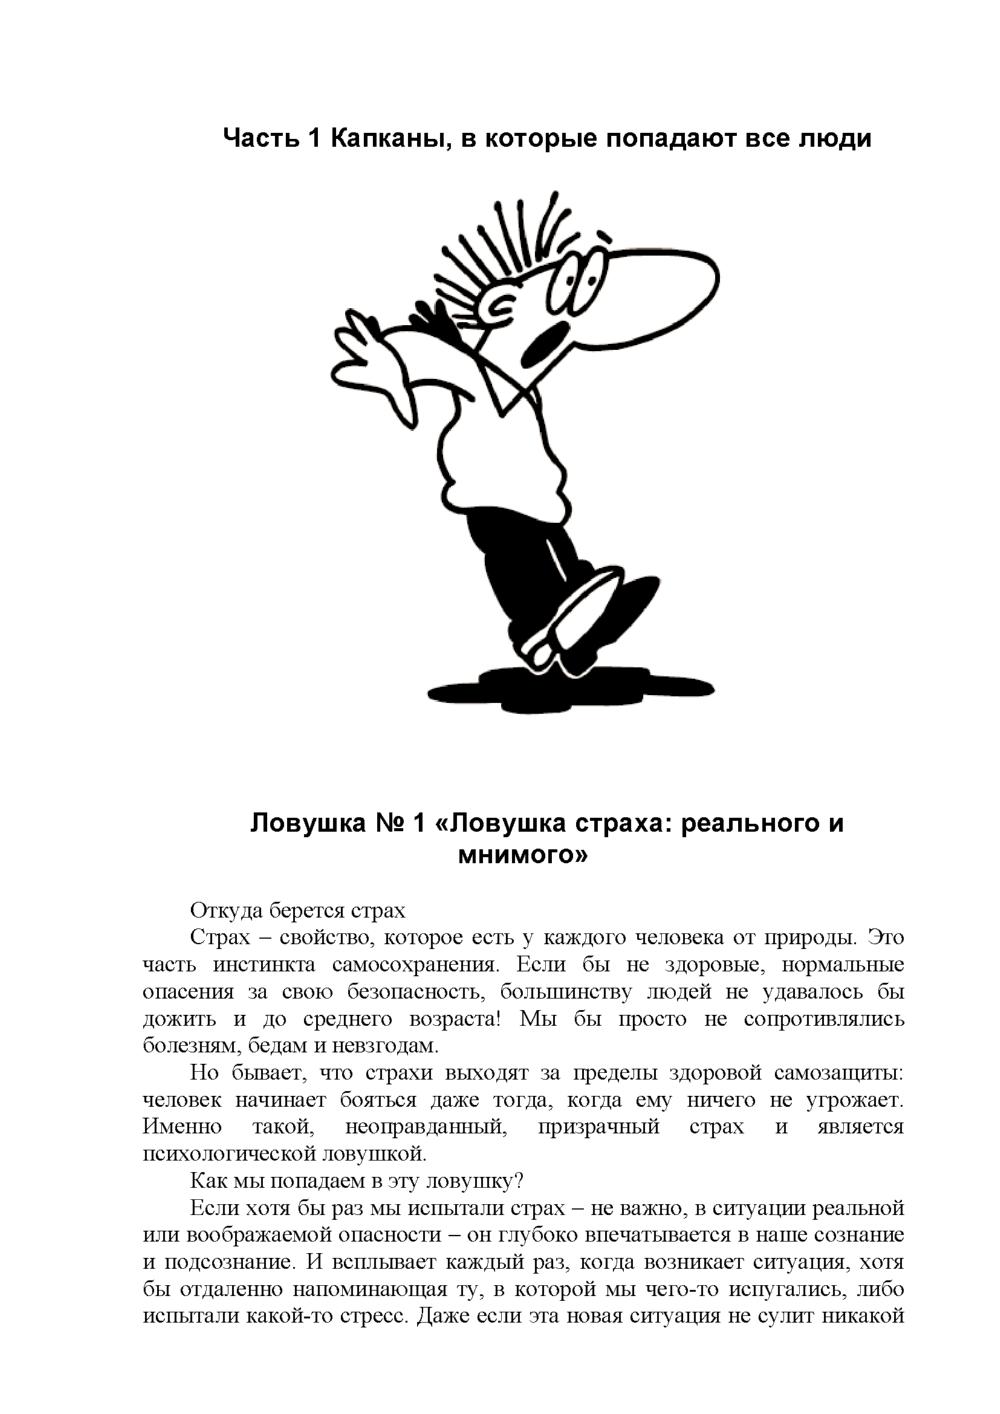 http://i6.imageban.ru/out/2013/12/03/19f970630a6605f570bdce5dd3c875c9.jpg